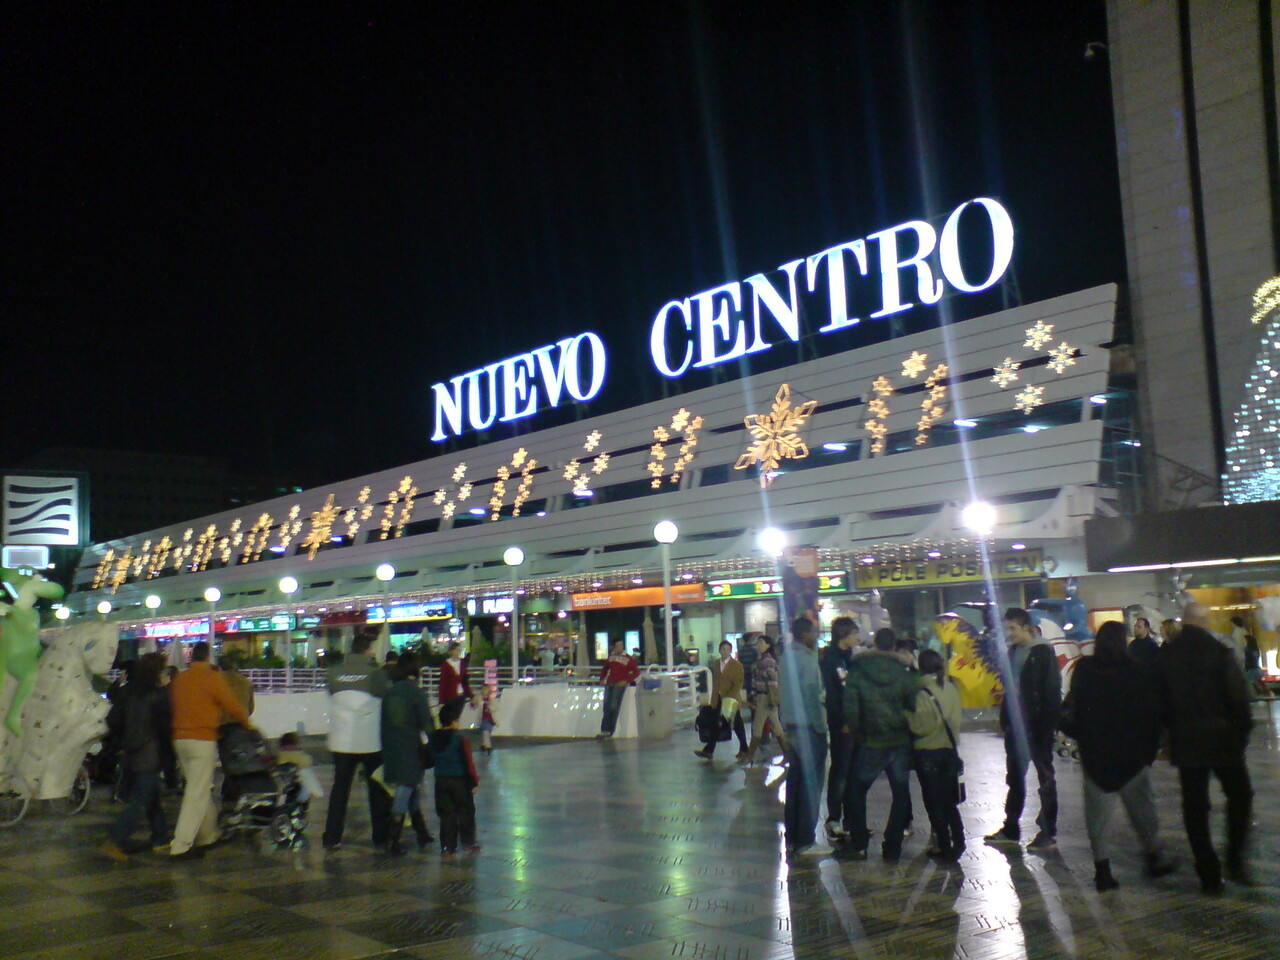 Vista exterior del complejo comercial de Nuevo Centro